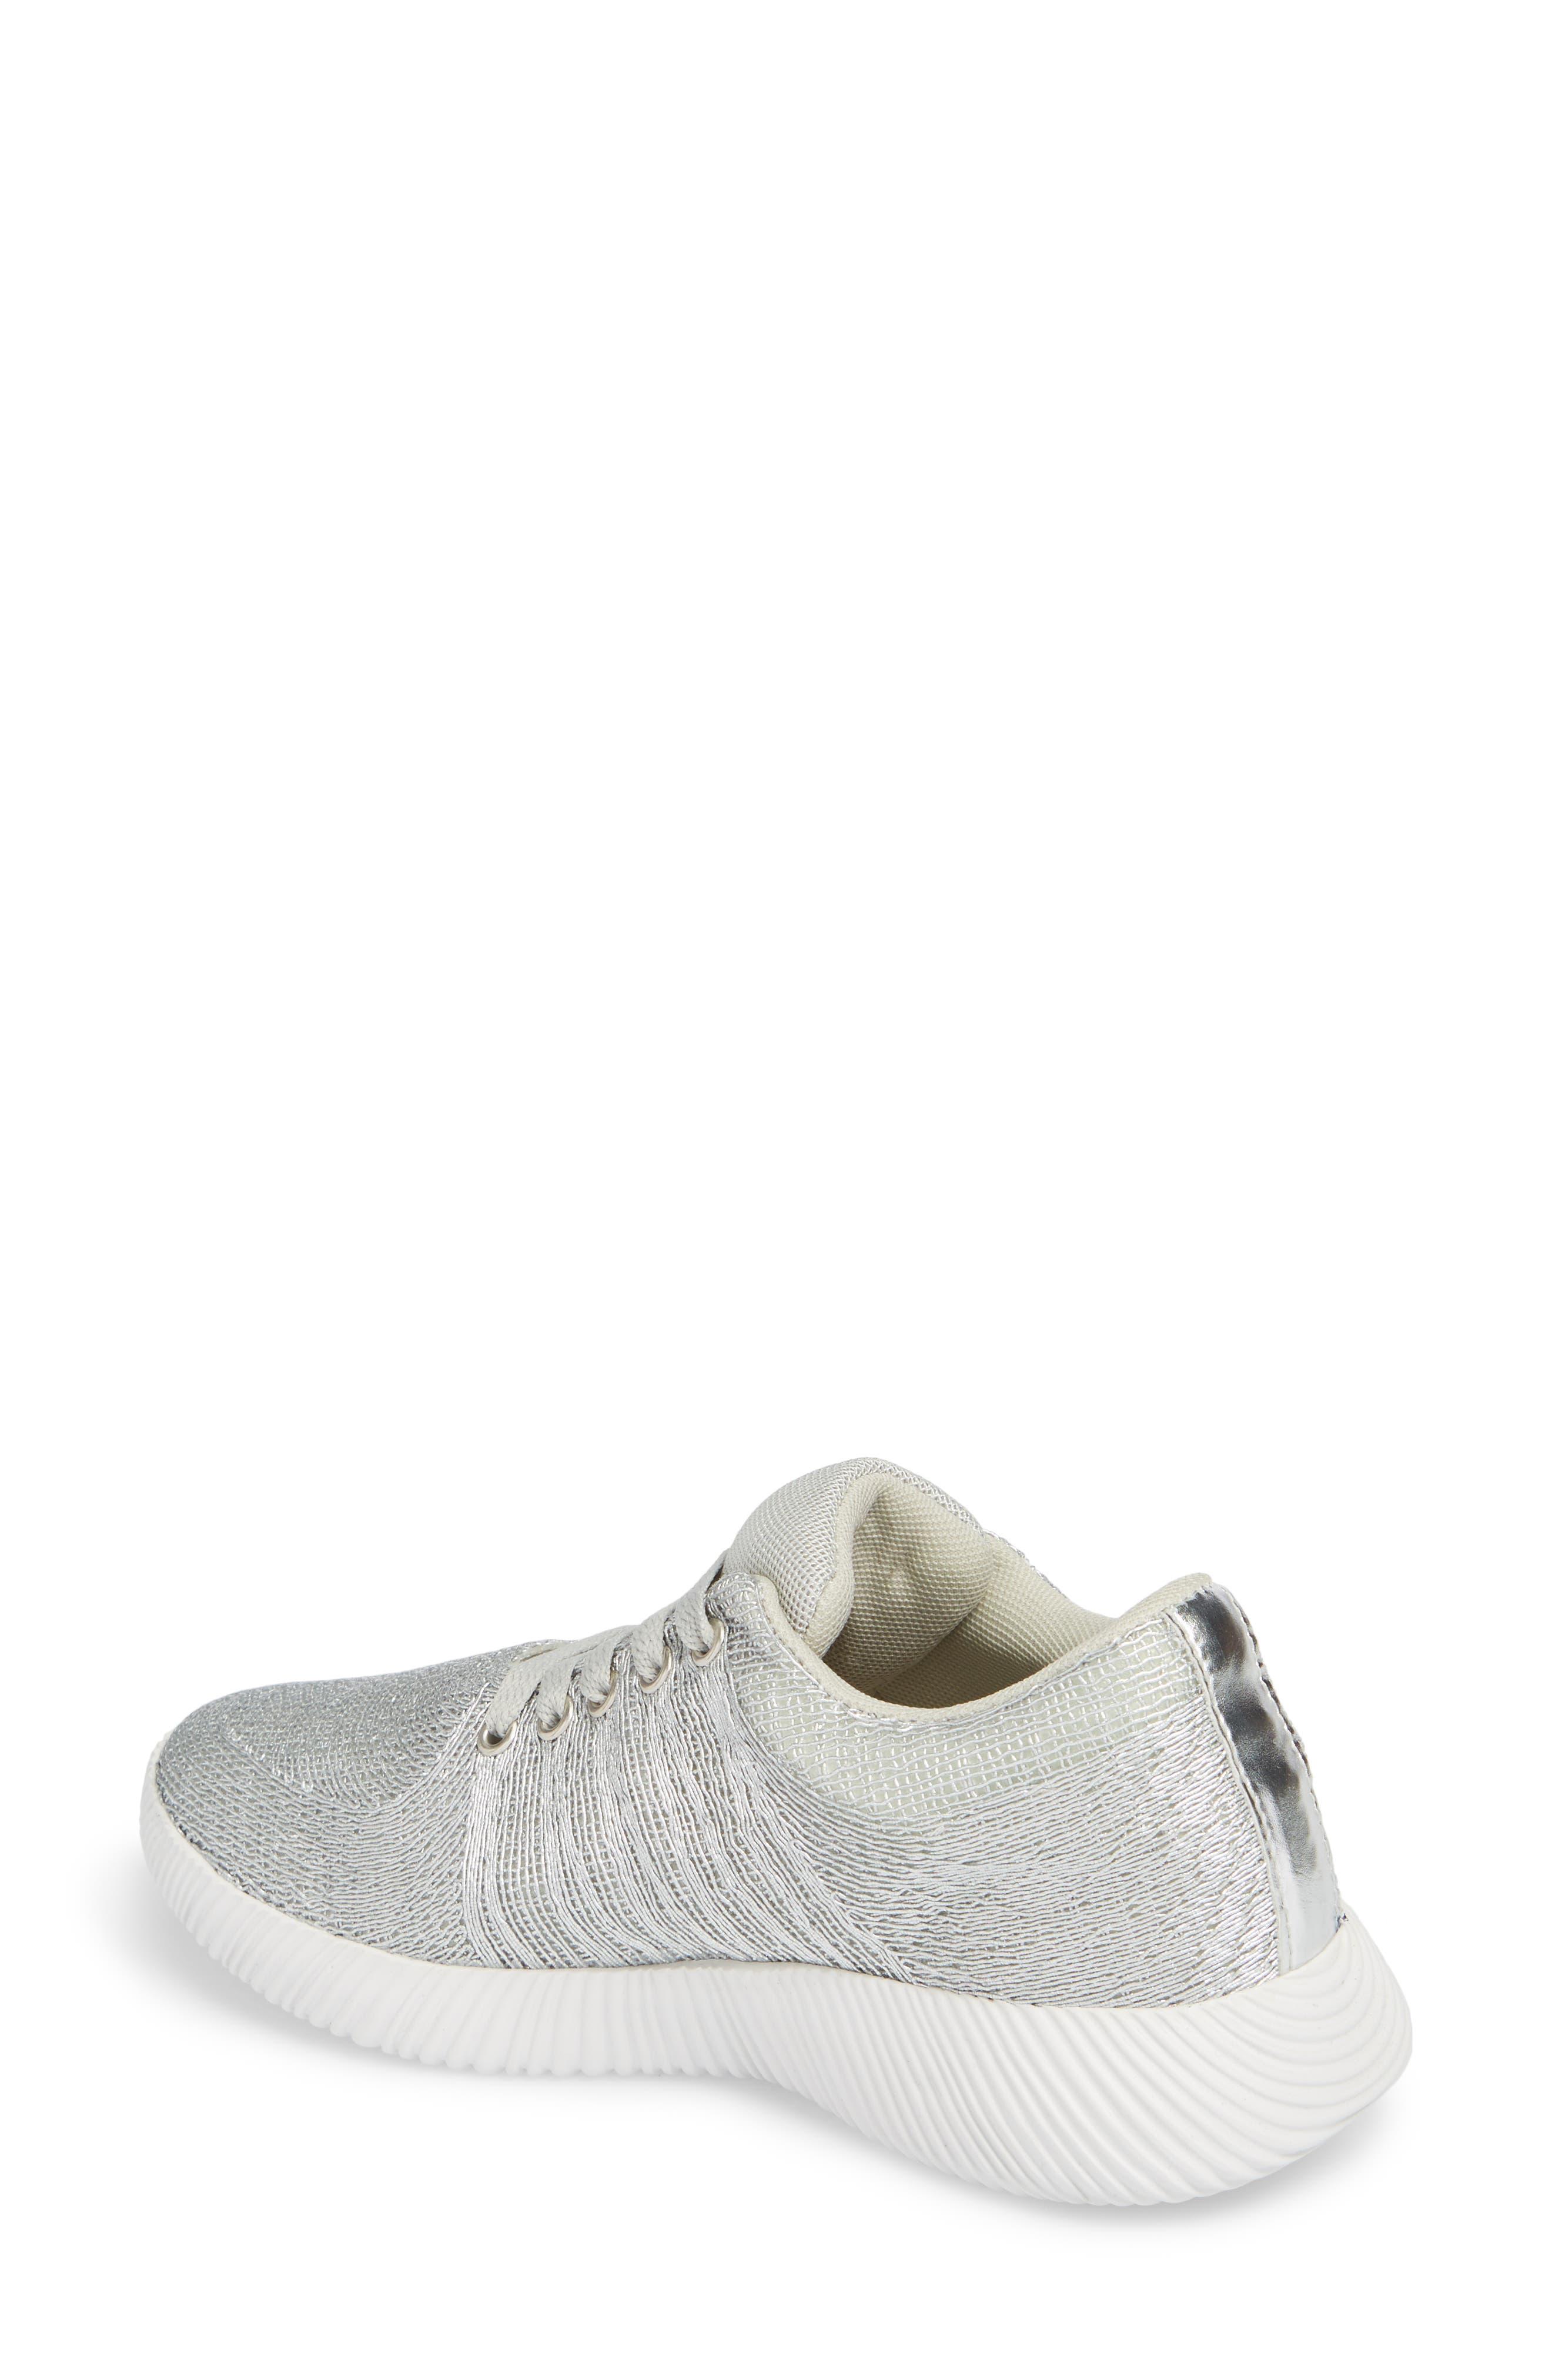 Amber Sneaker,                             Alternate thumbnail 2, color,                             040